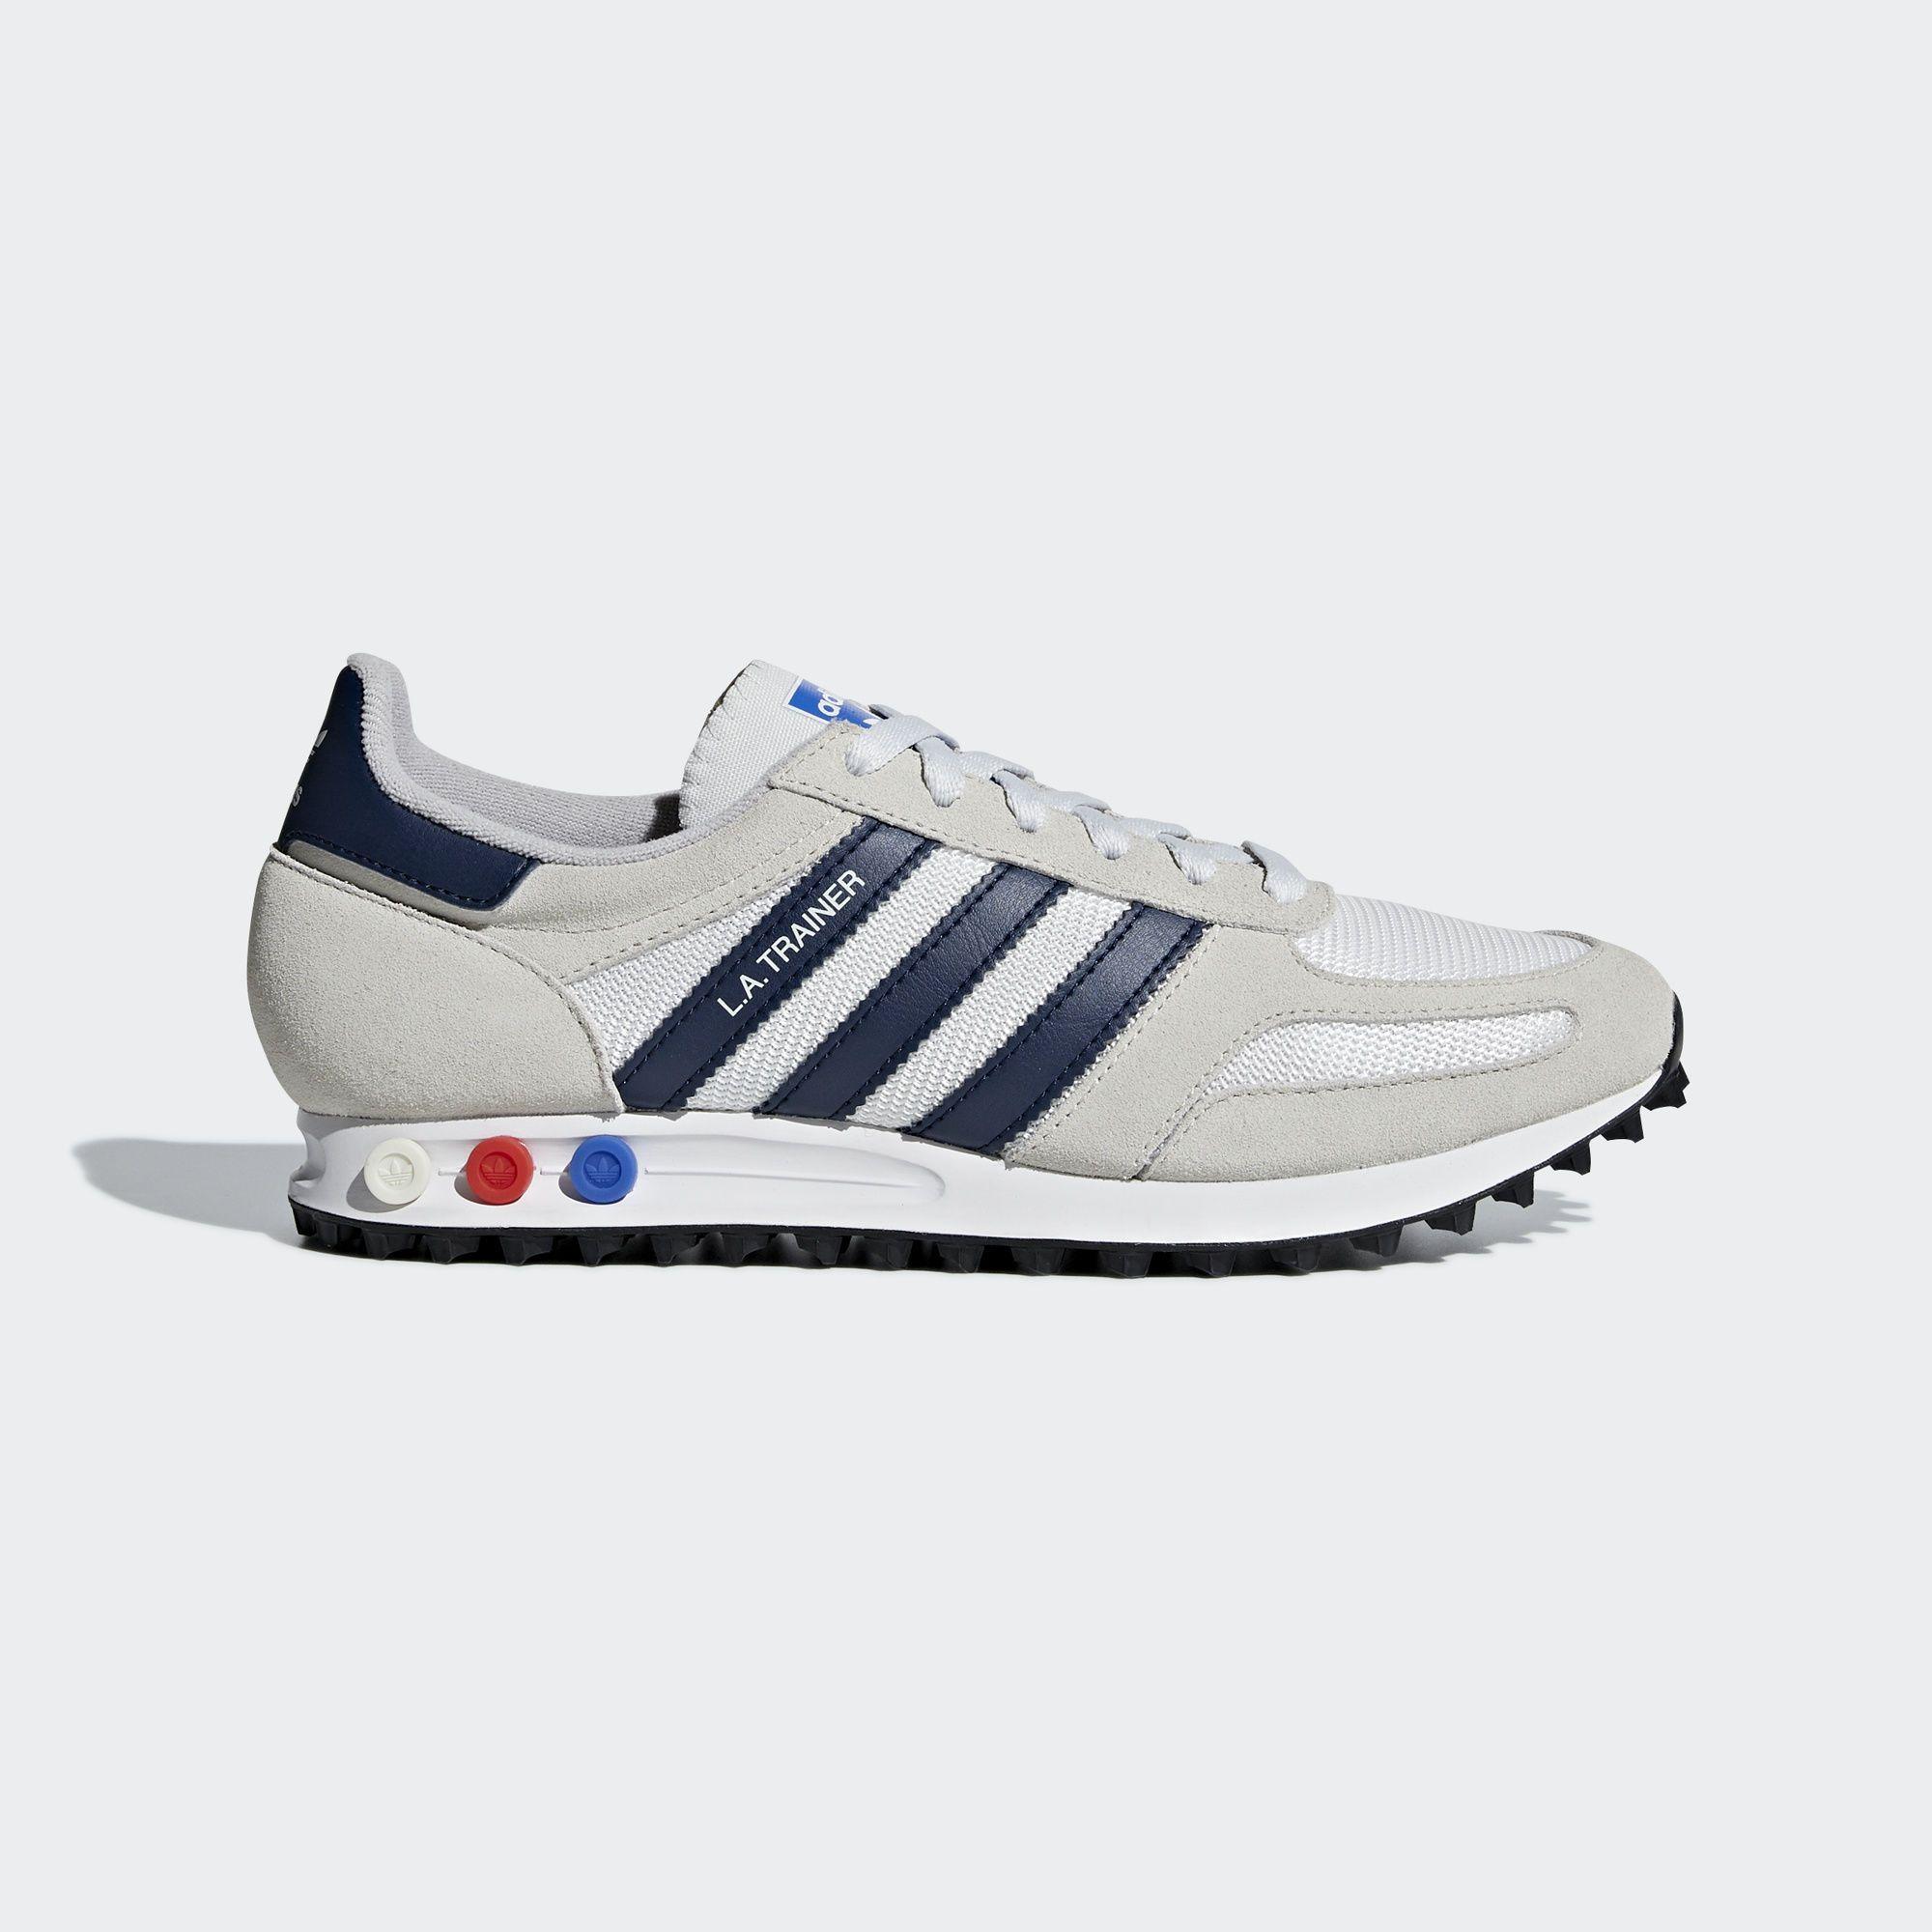 Sapatos LA Trainer | Tenis adidas, Sapatos e Comprar sapatos